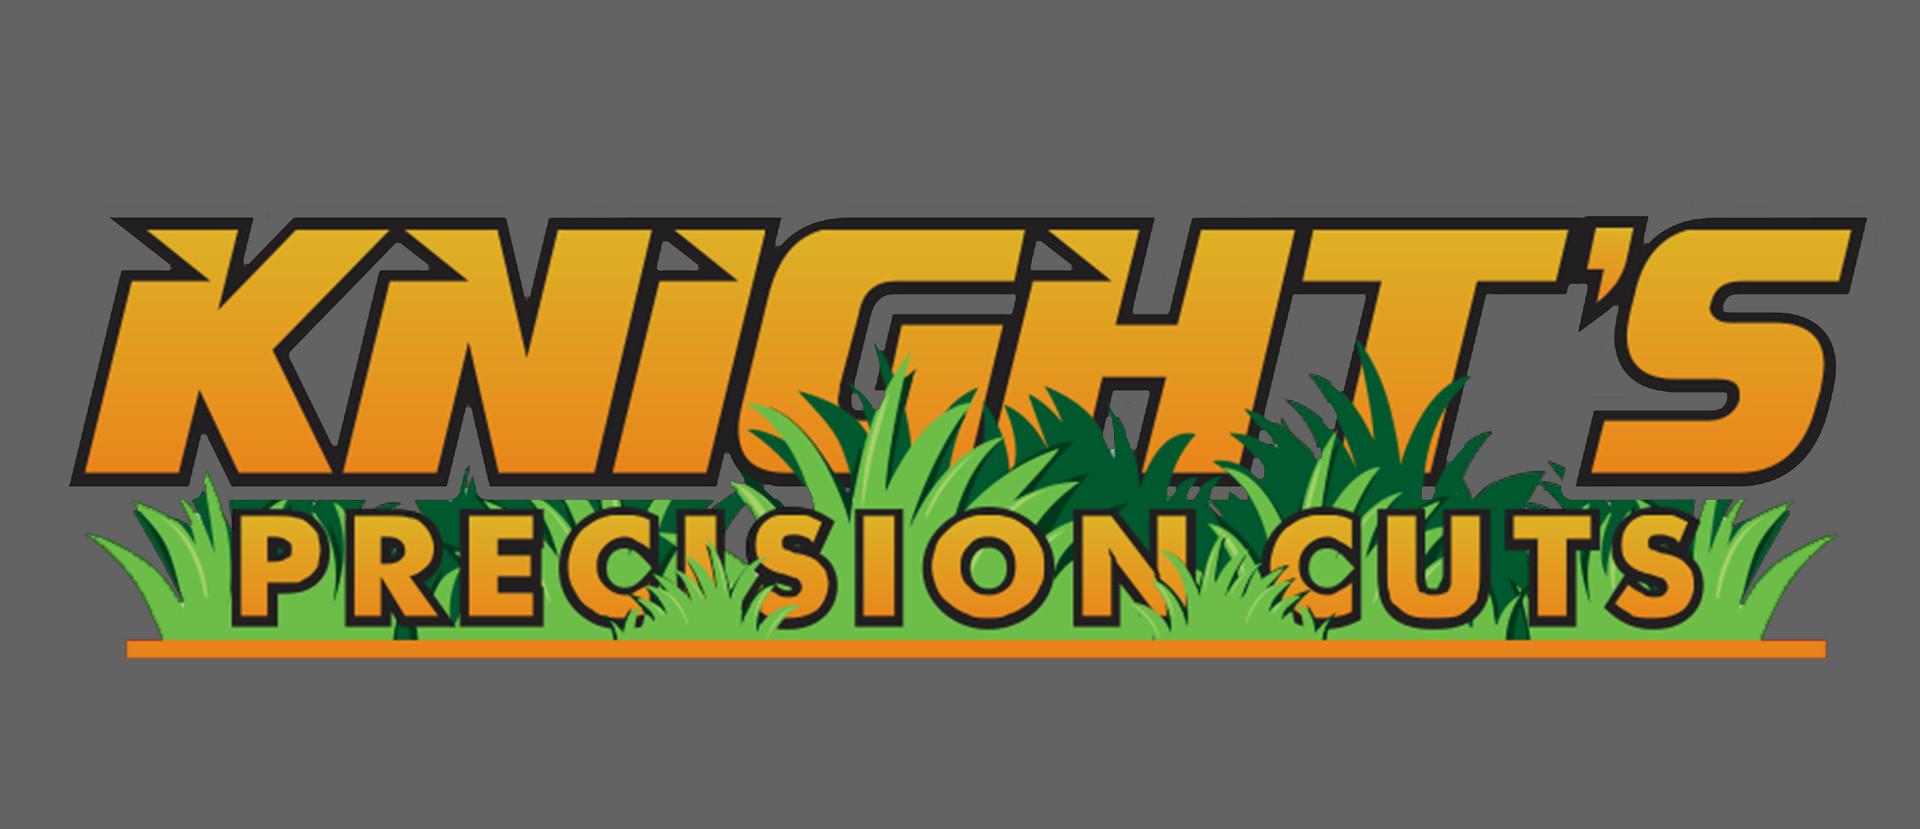 knights precision cuts.jpg